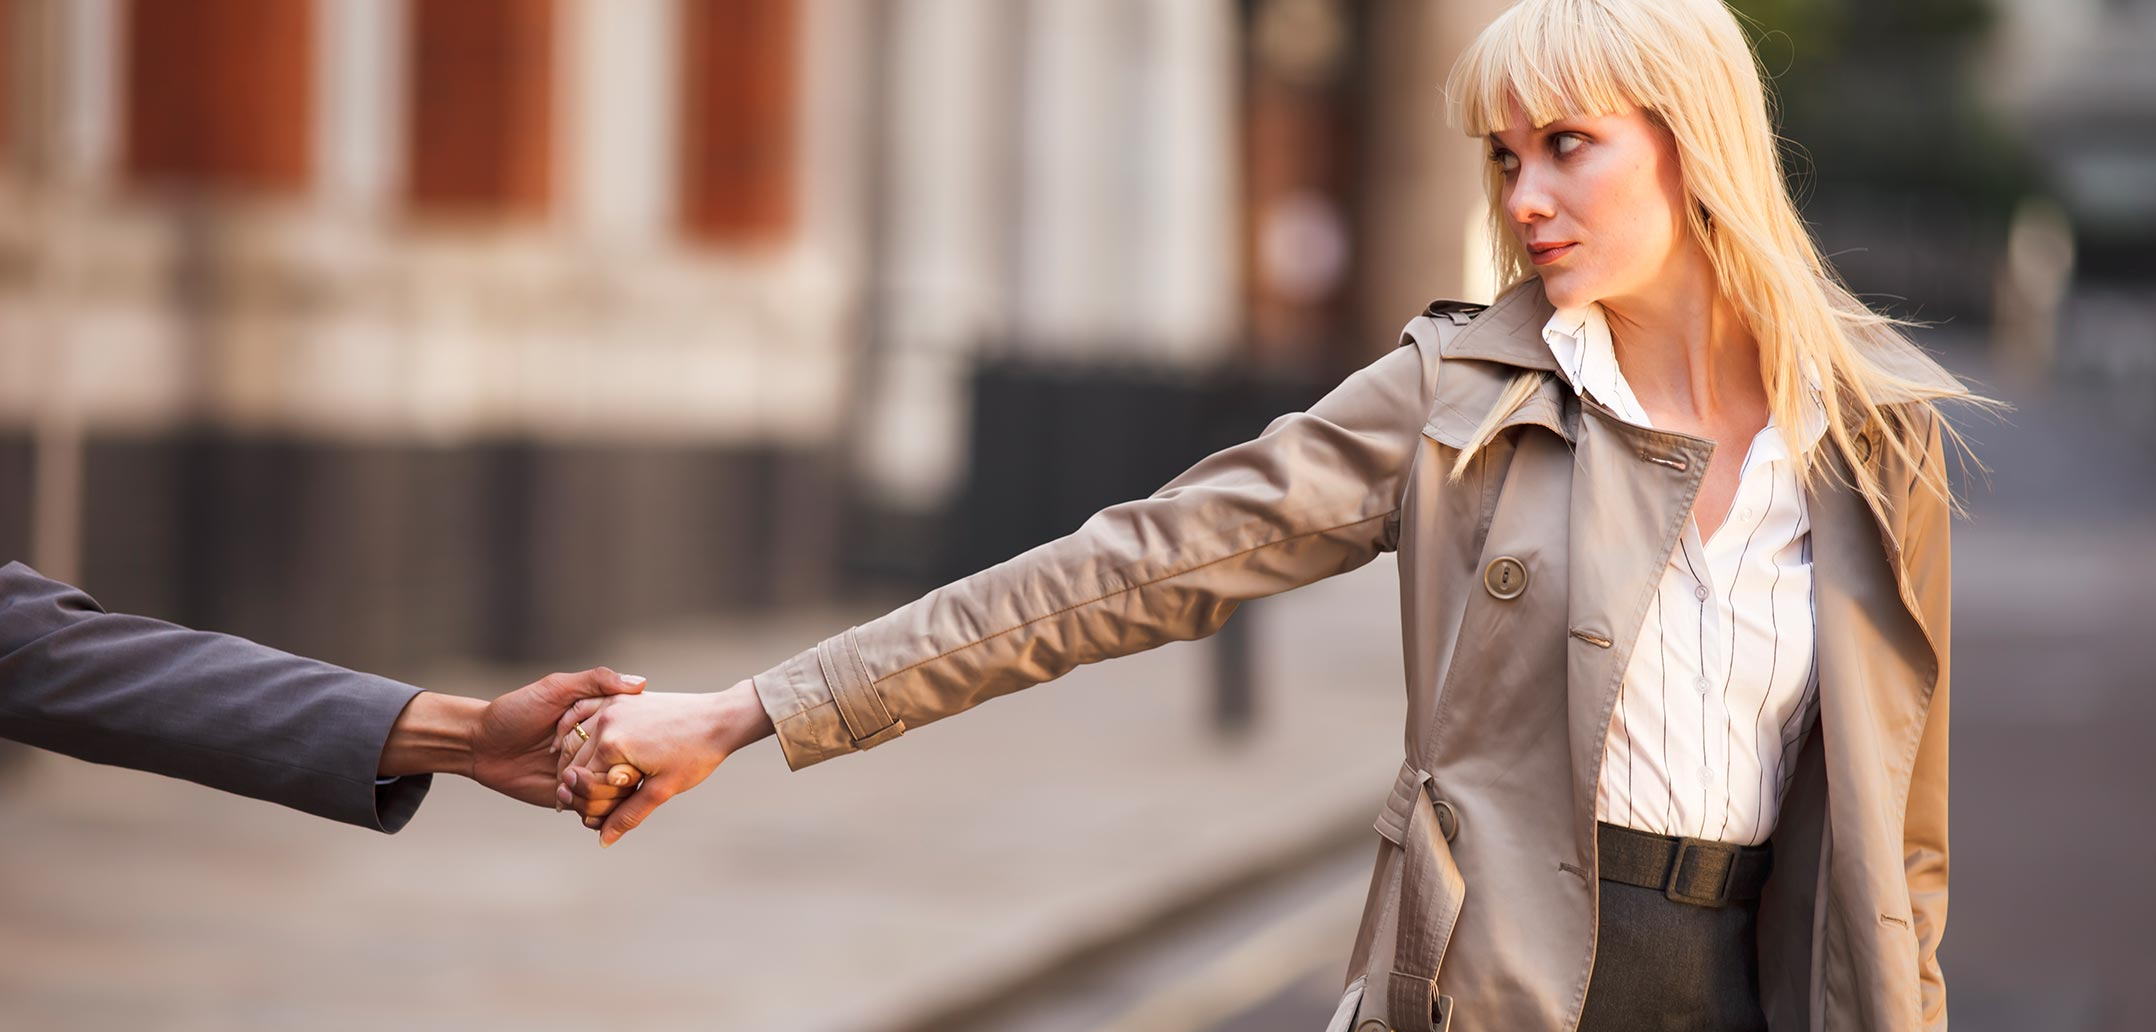 Warum treffen sich frauen mit dem ex